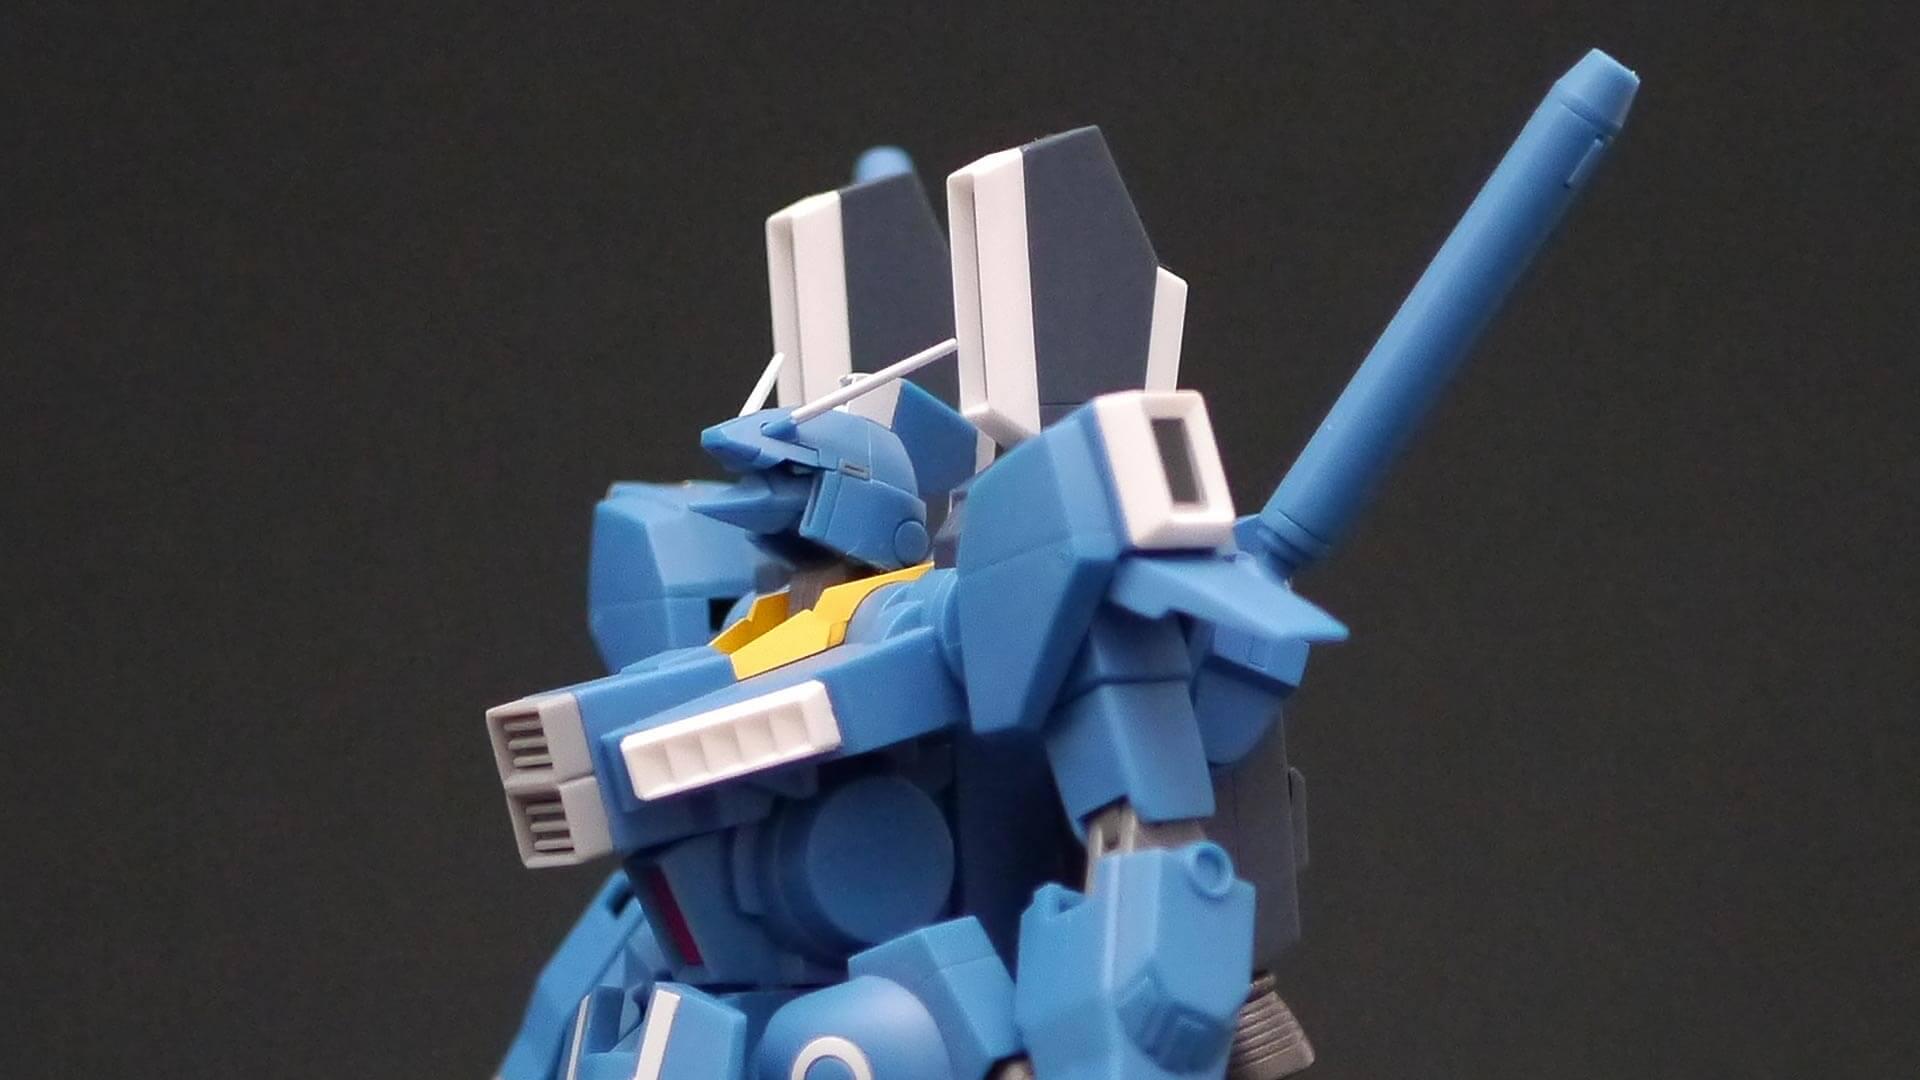 ROBOT魂 ガンダムMk-V 頭部 動き